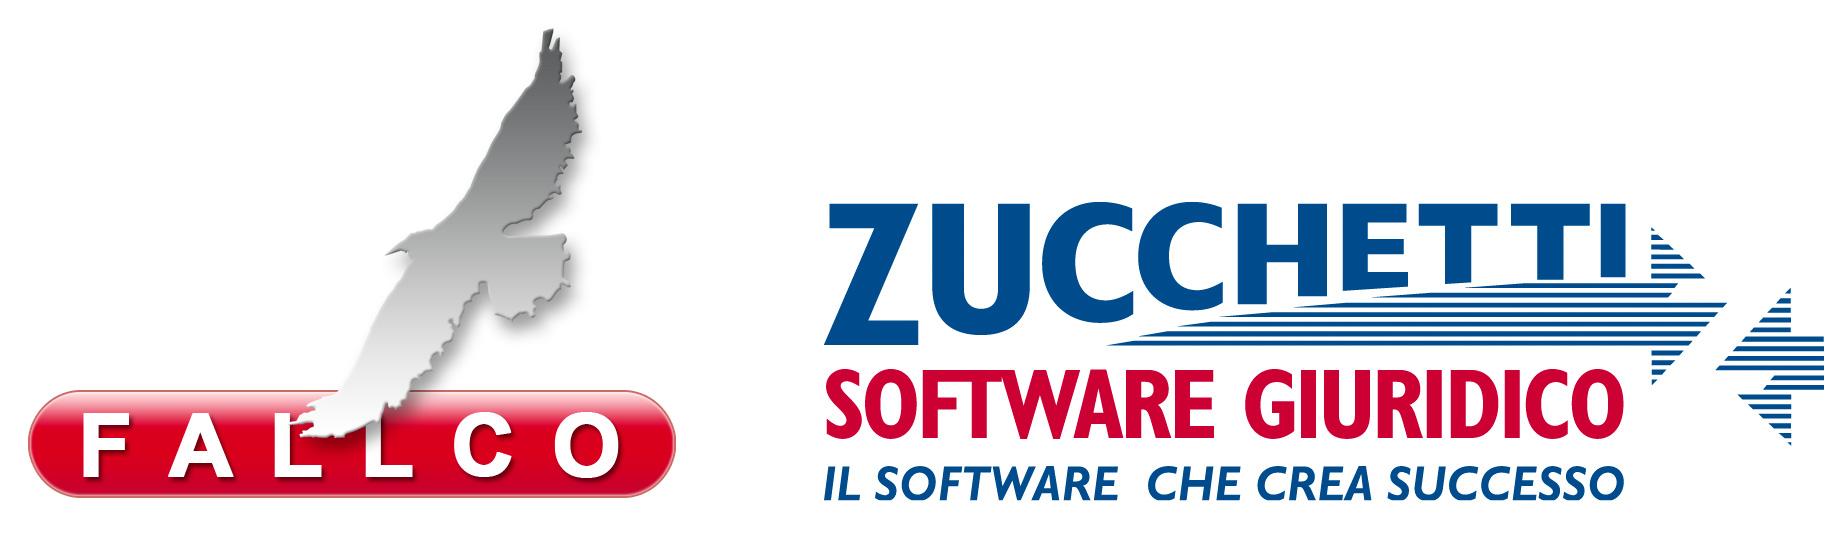 logo_fallco_zucchetti